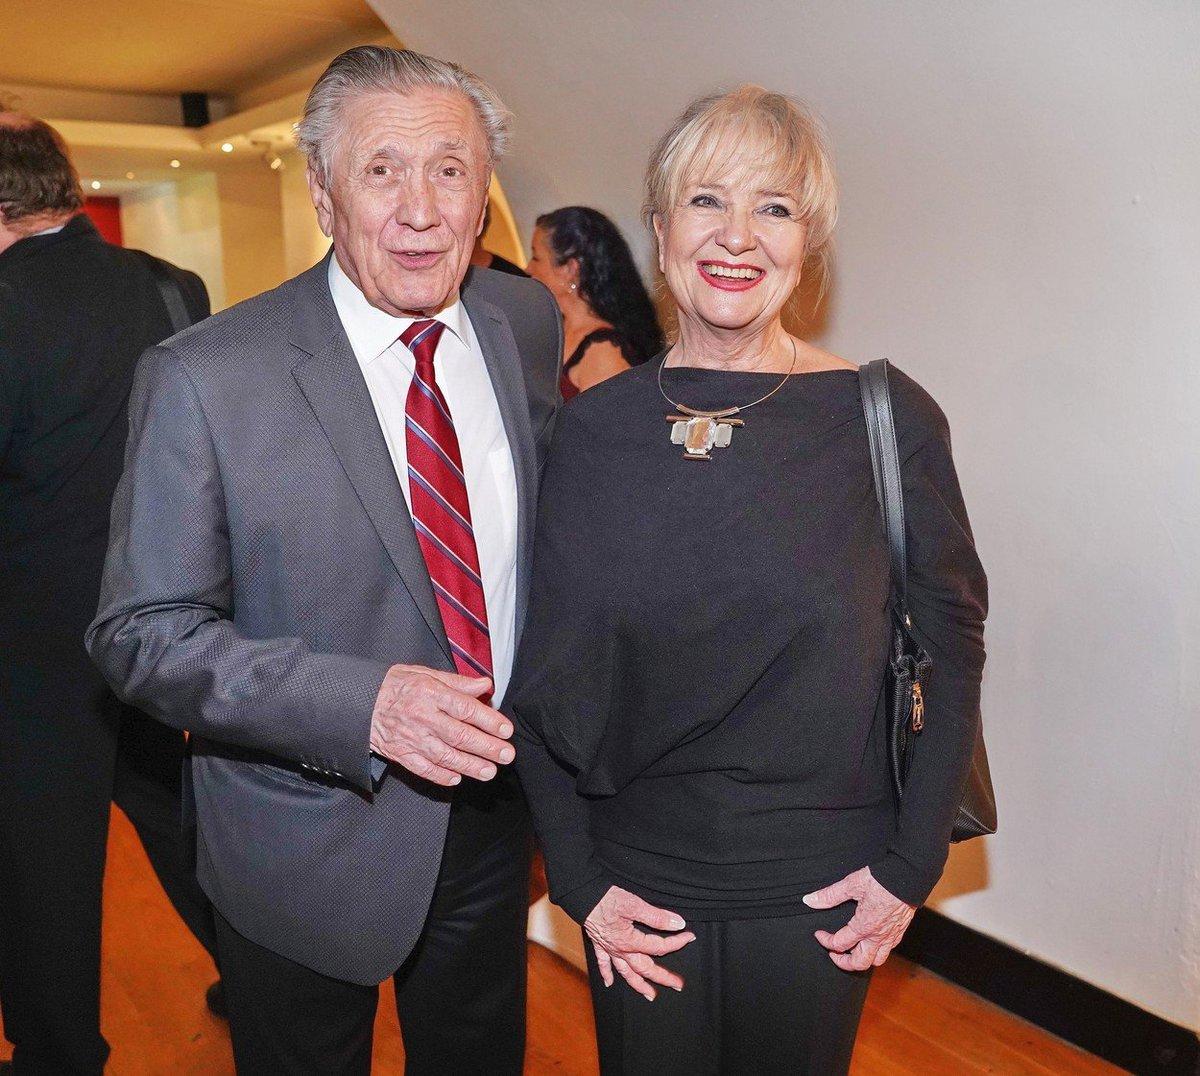 Pyšní rodiče Petr Kostka a Carmen Mayerová drželi Tereze Kostkové palce v hledišti